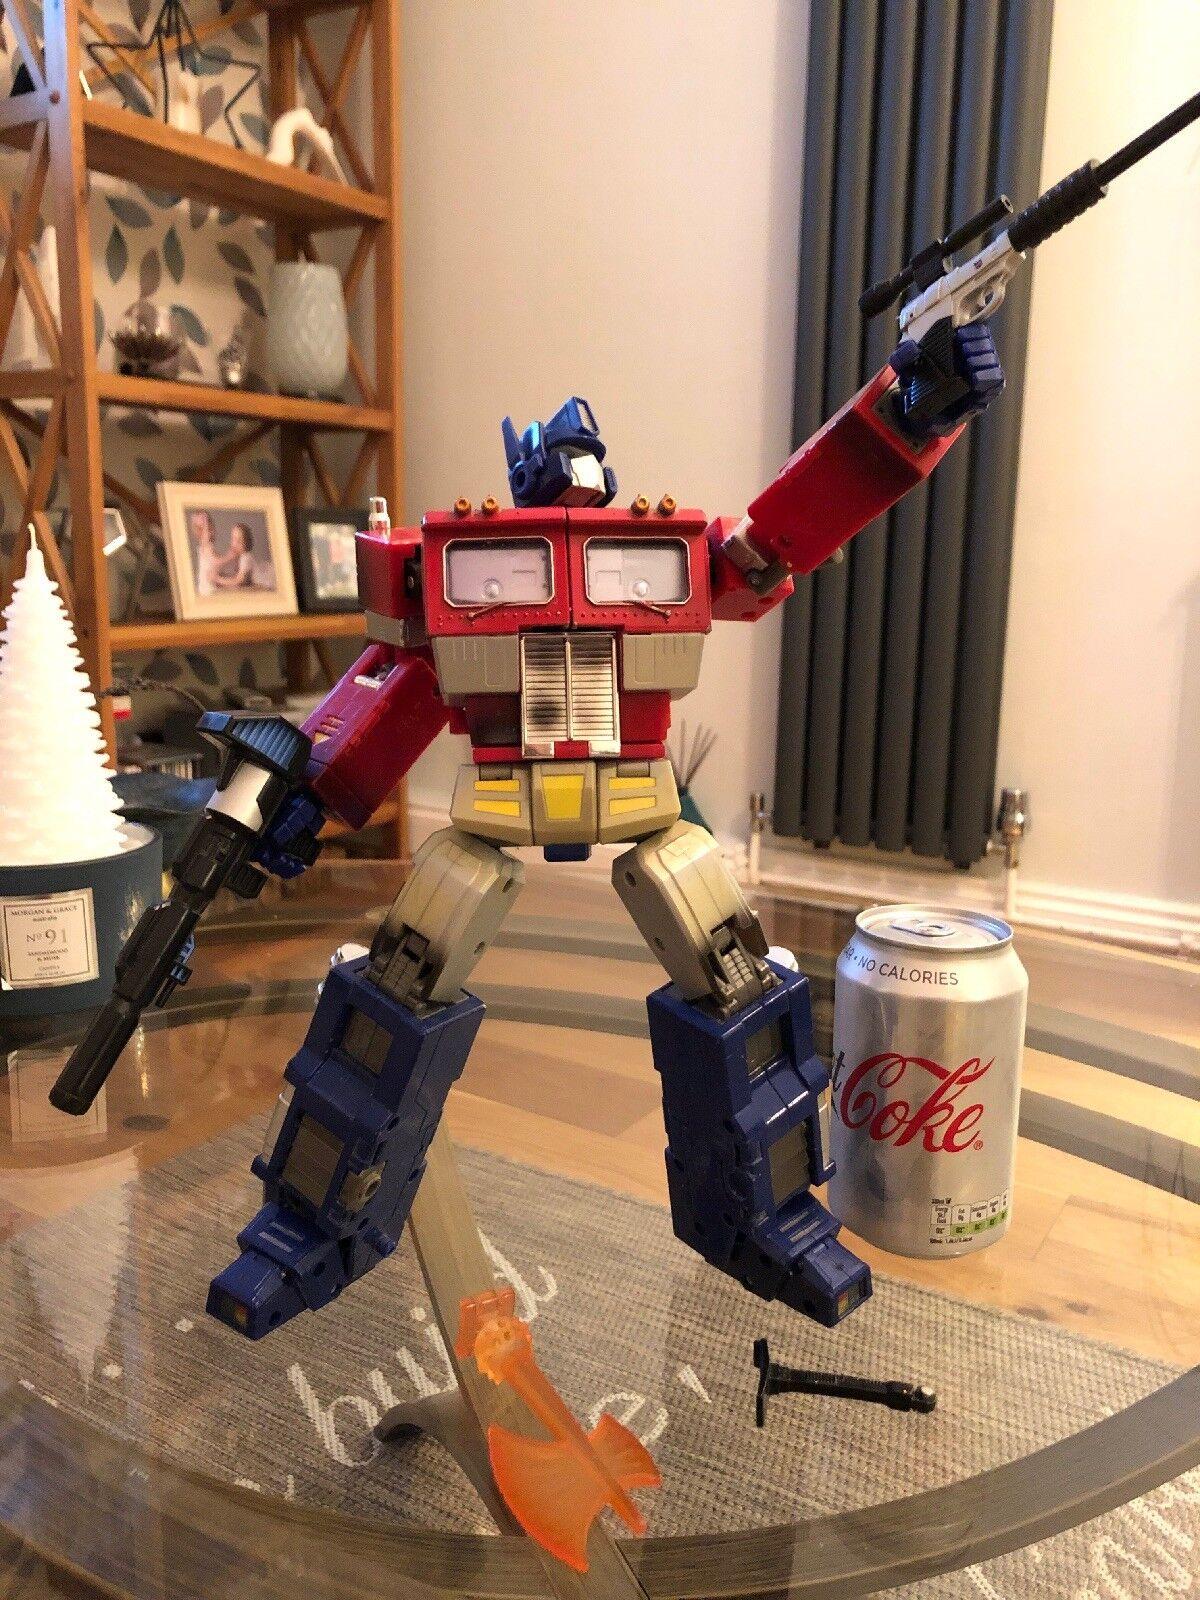 descuento de bajo precio Transformers Optimus Prime G1 Takara 20th aniversario aniversario aniversario Diecast ()  gran descuento